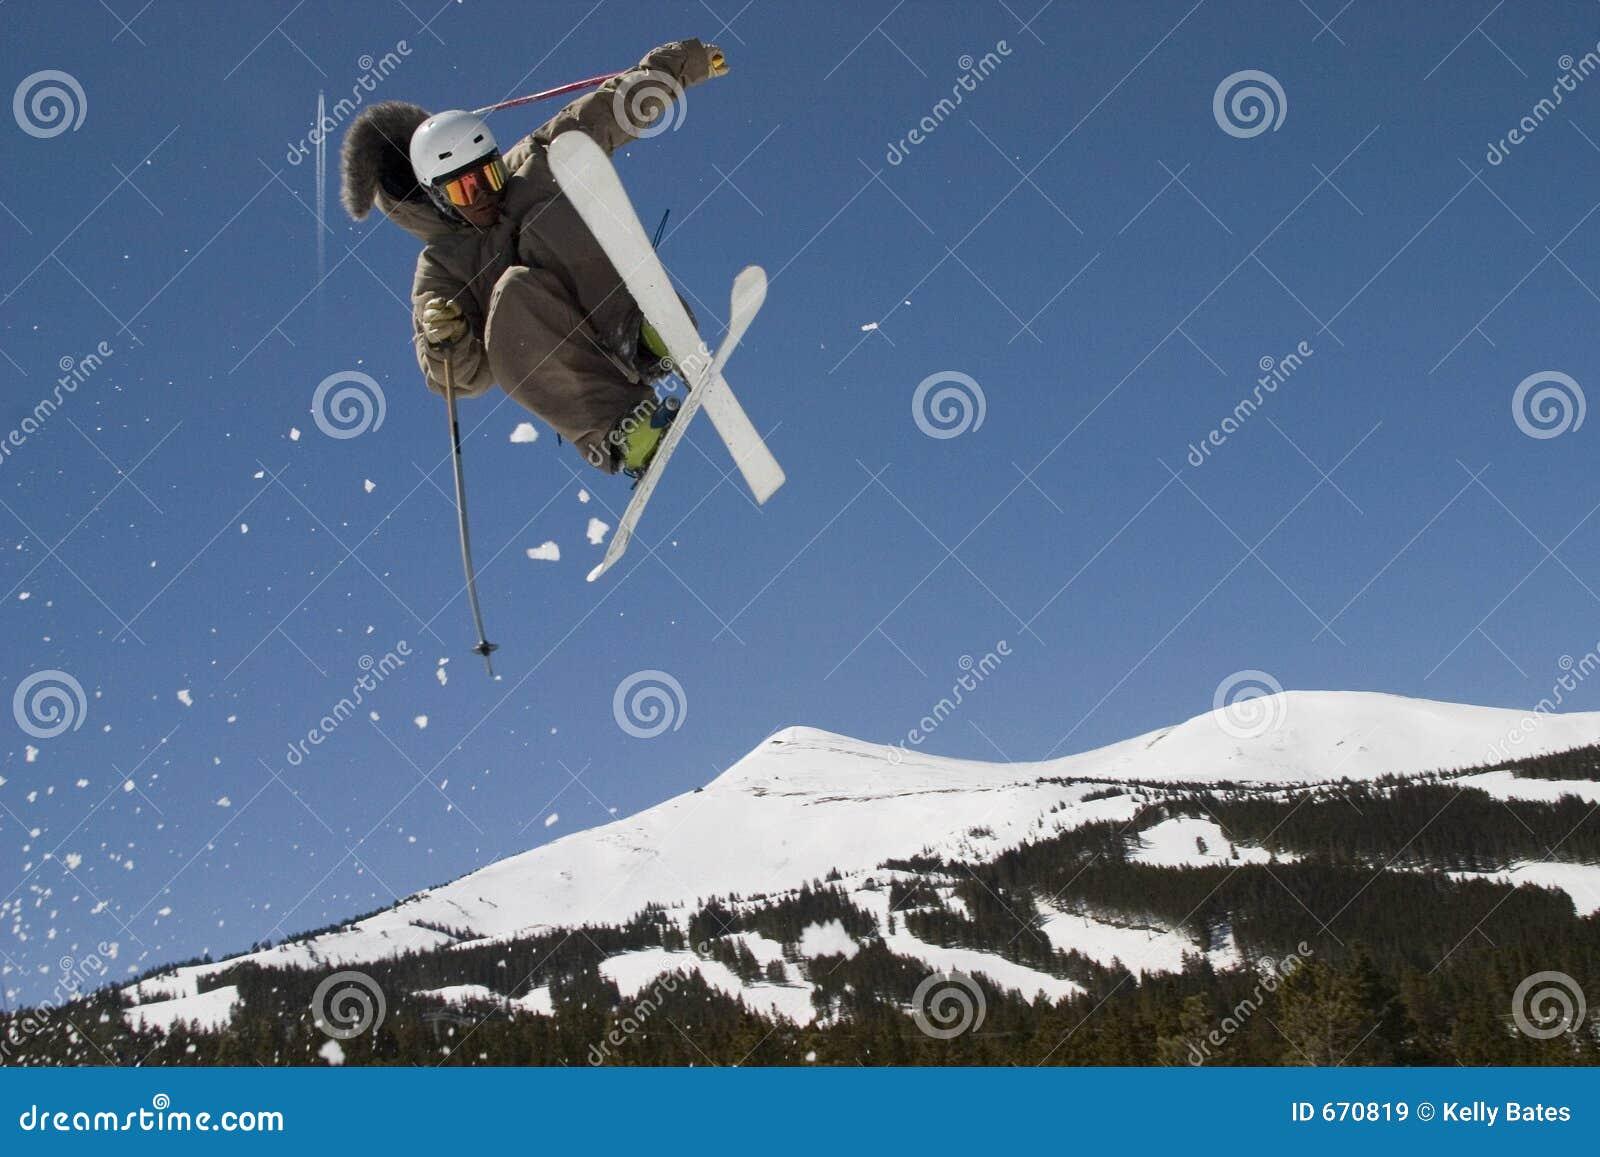 Superpipe för skier d78